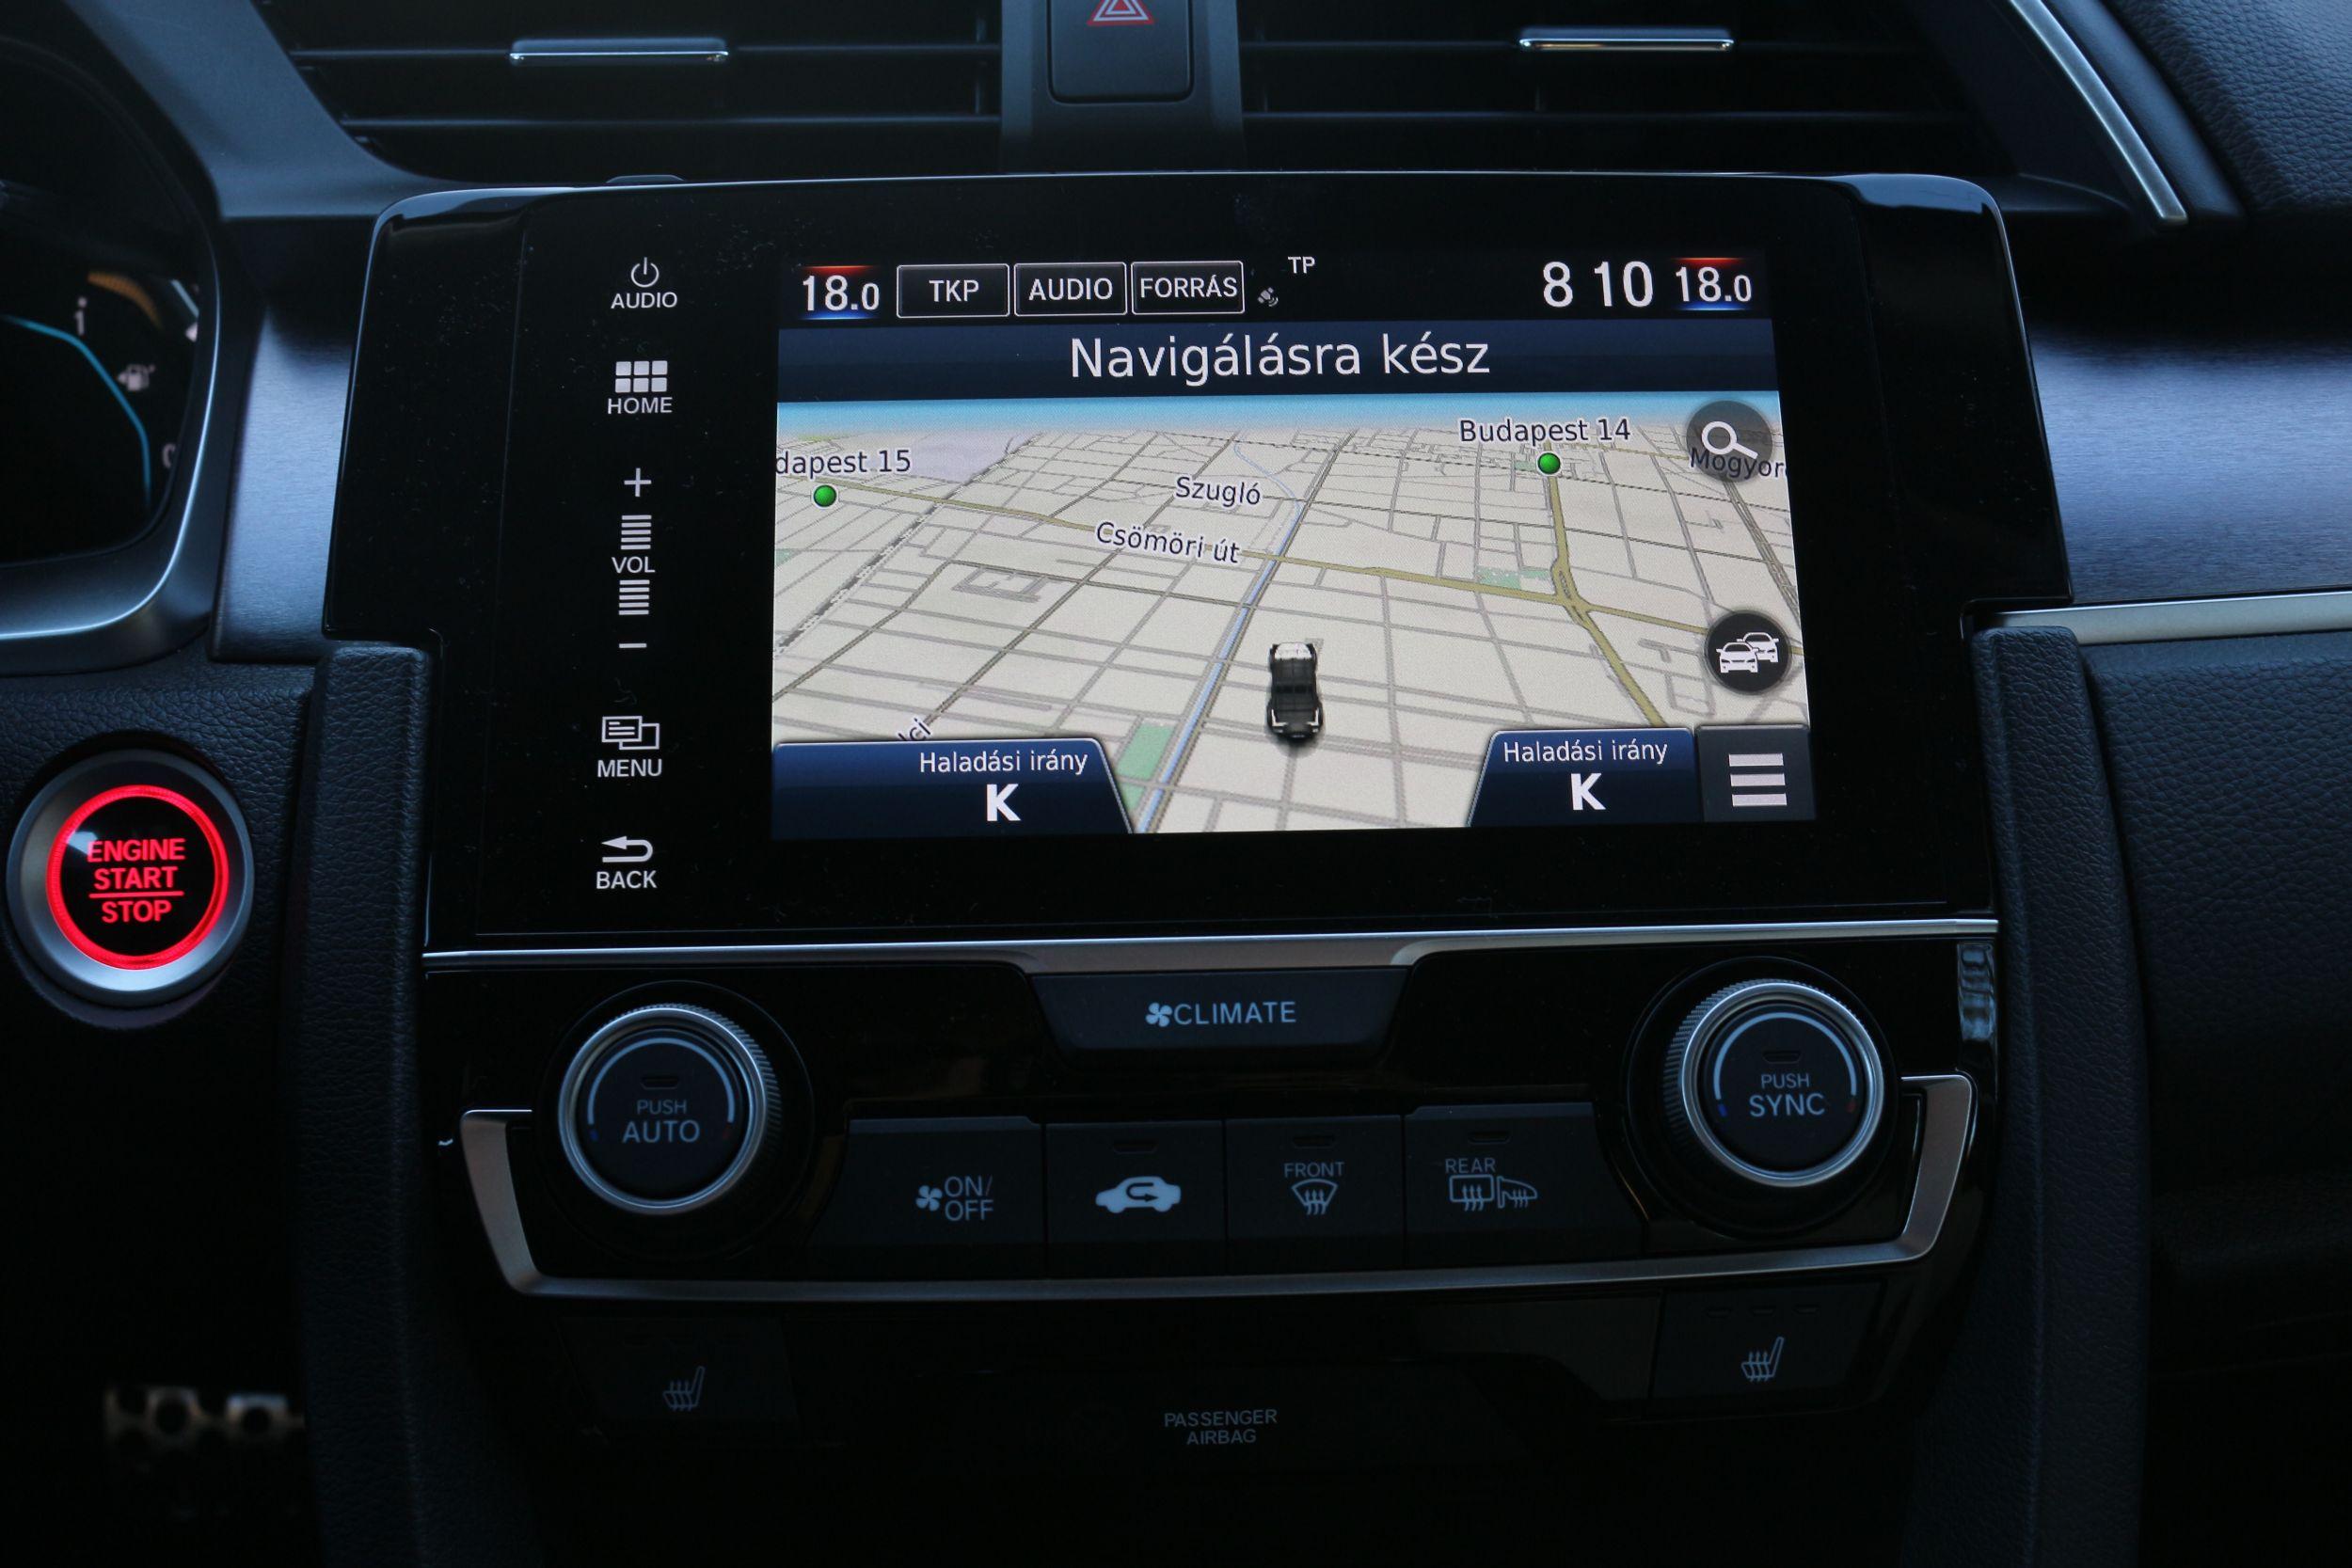 Honda Civic navi